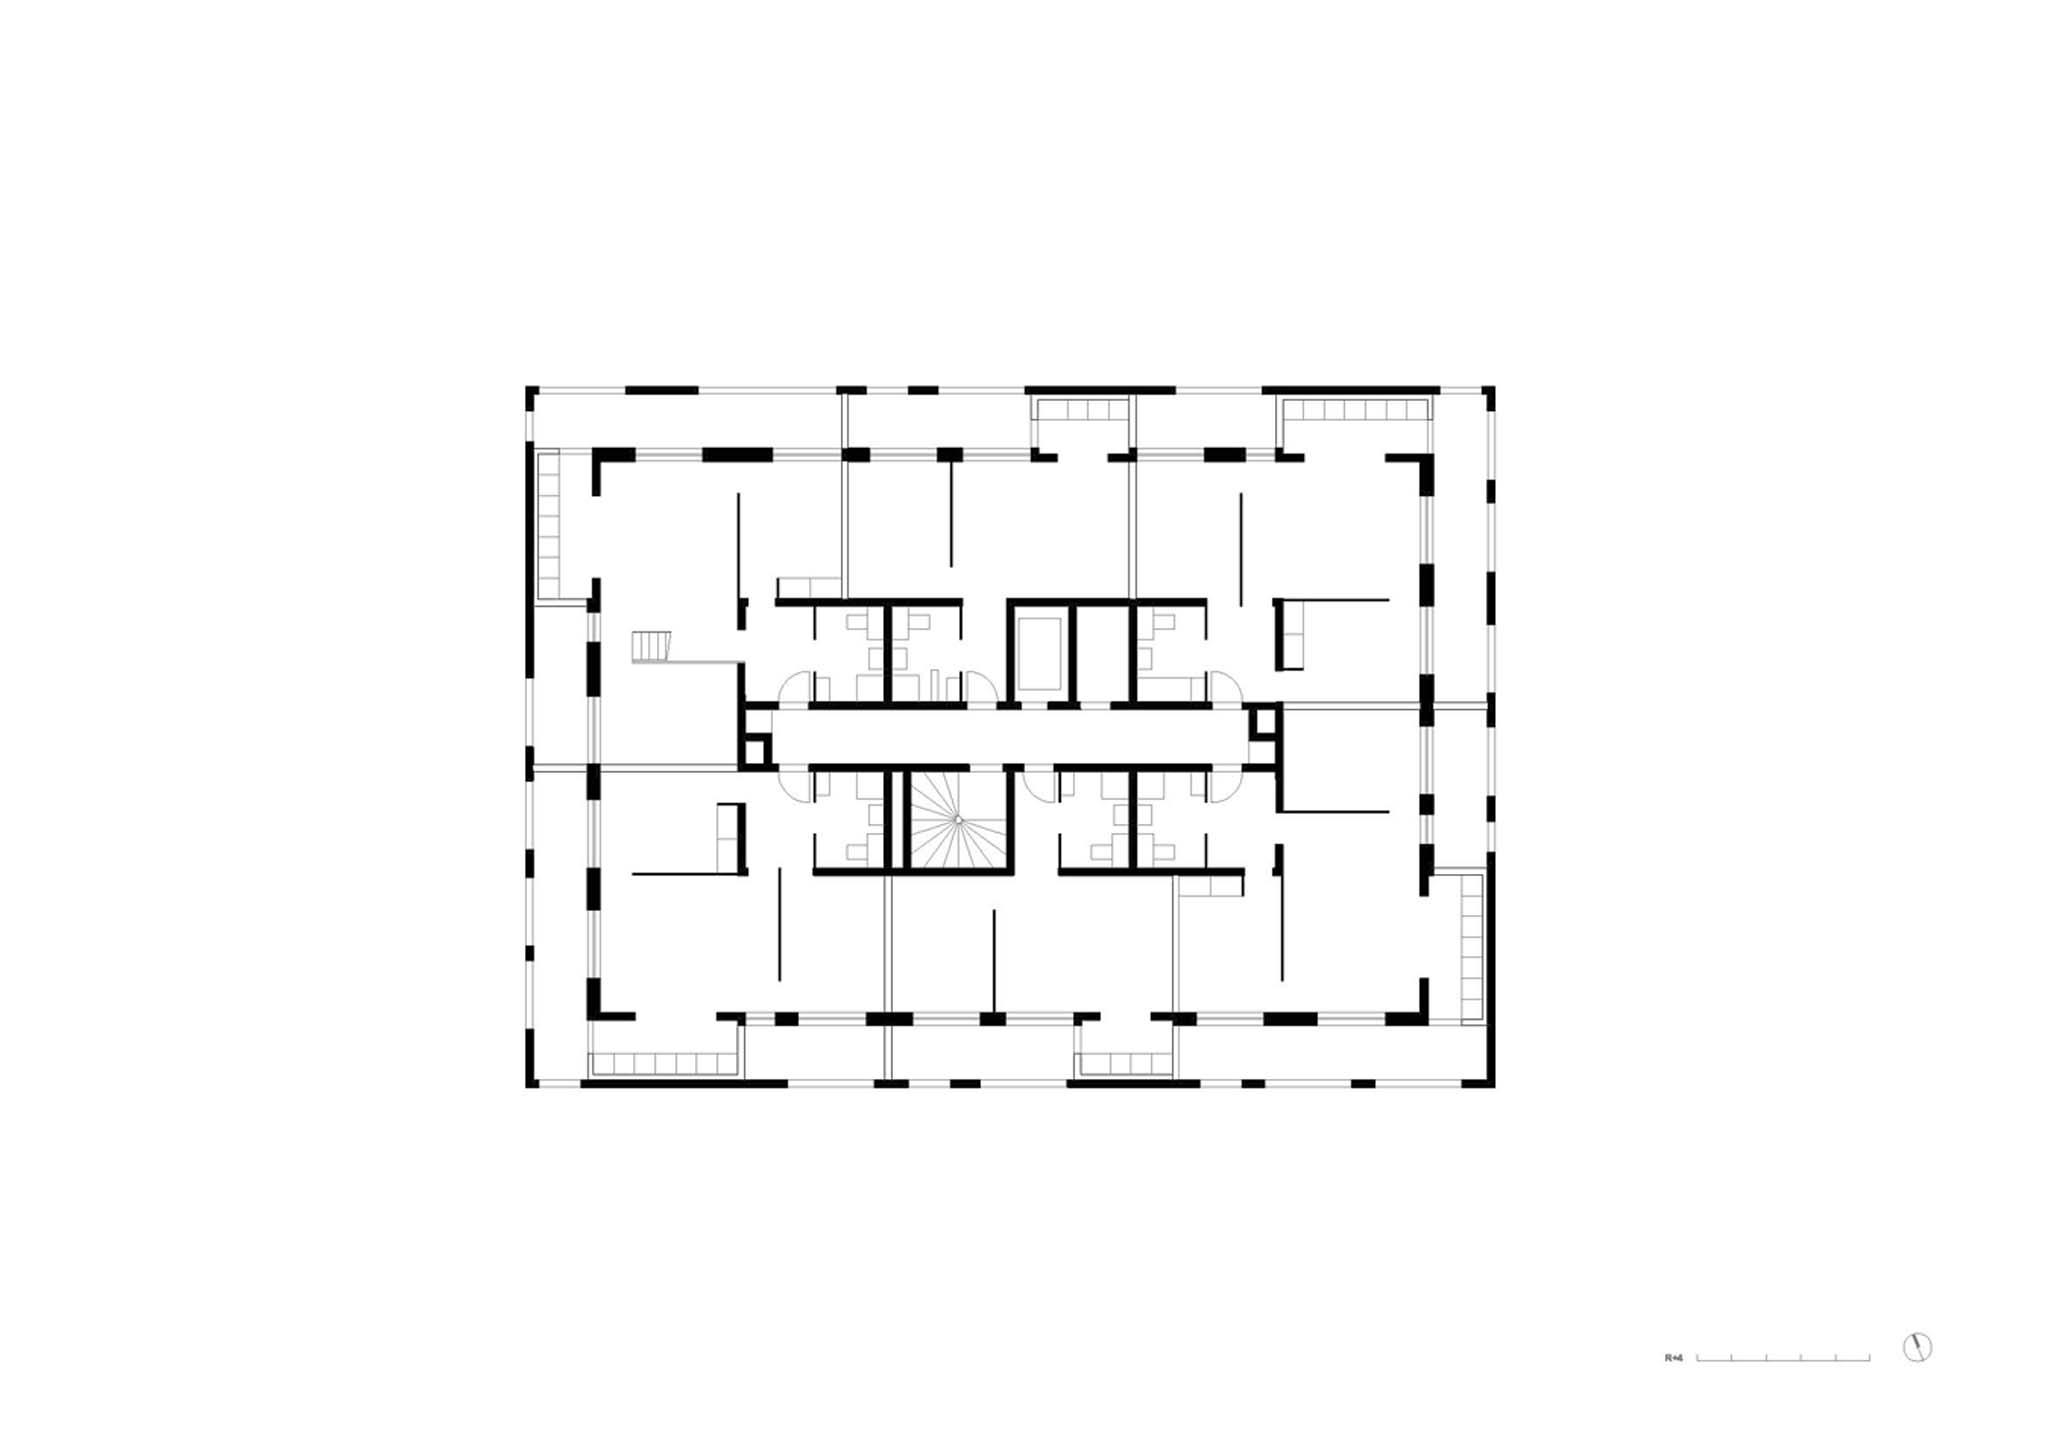 equerre design plan de travail beautiful plan de travail salle de bains bois blog regards et. Black Bedroom Furniture Sets. Home Design Ideas